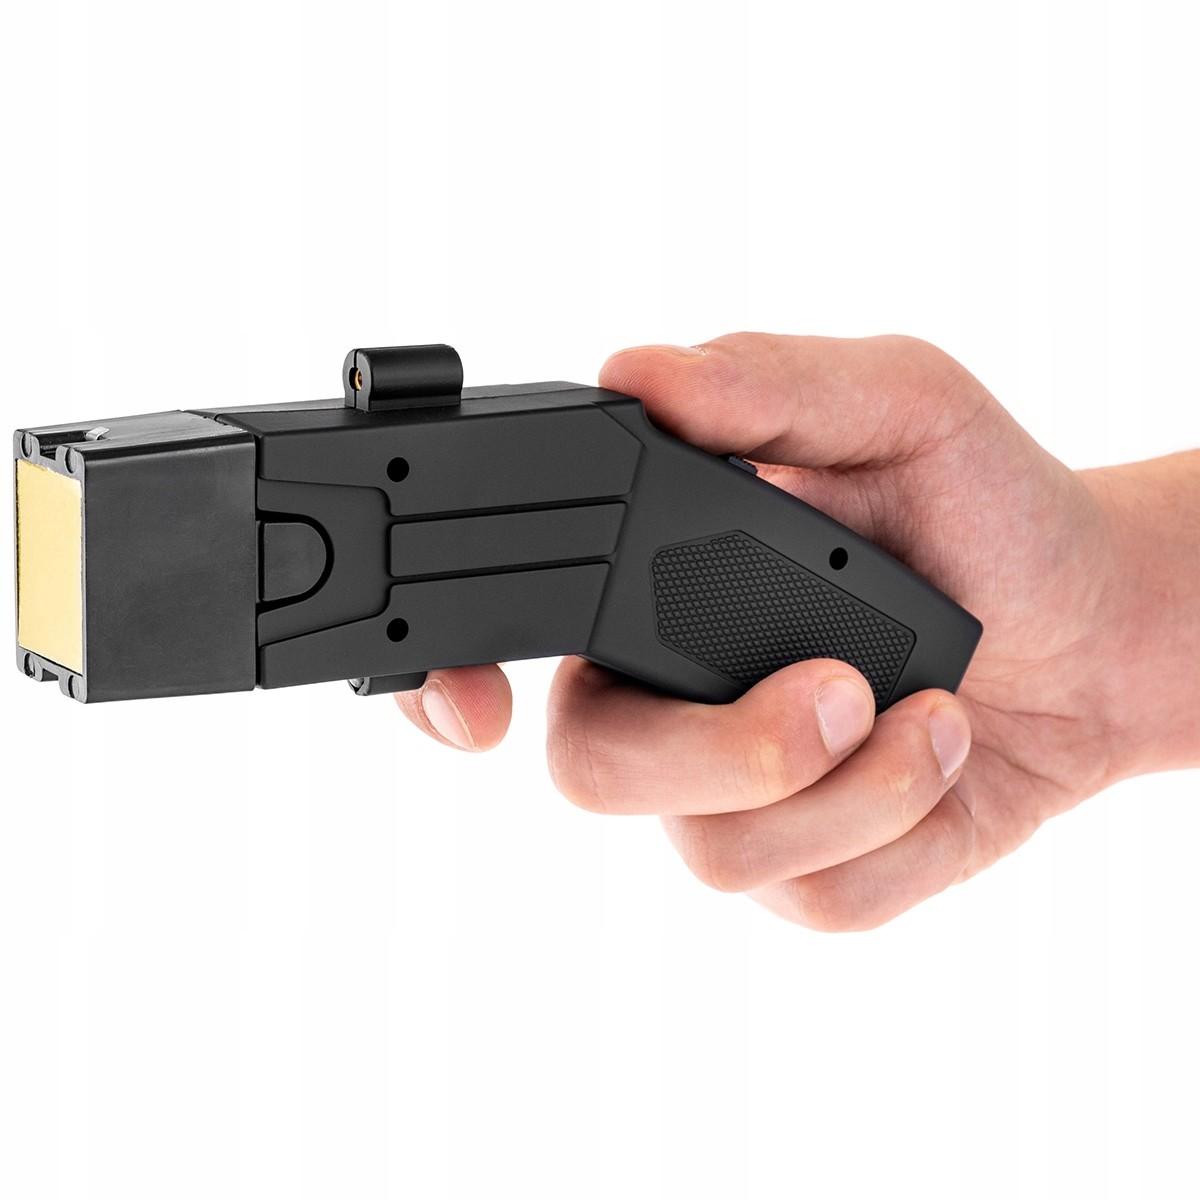 Taser Paralizator Blackfire Blaster Black 1 mln V